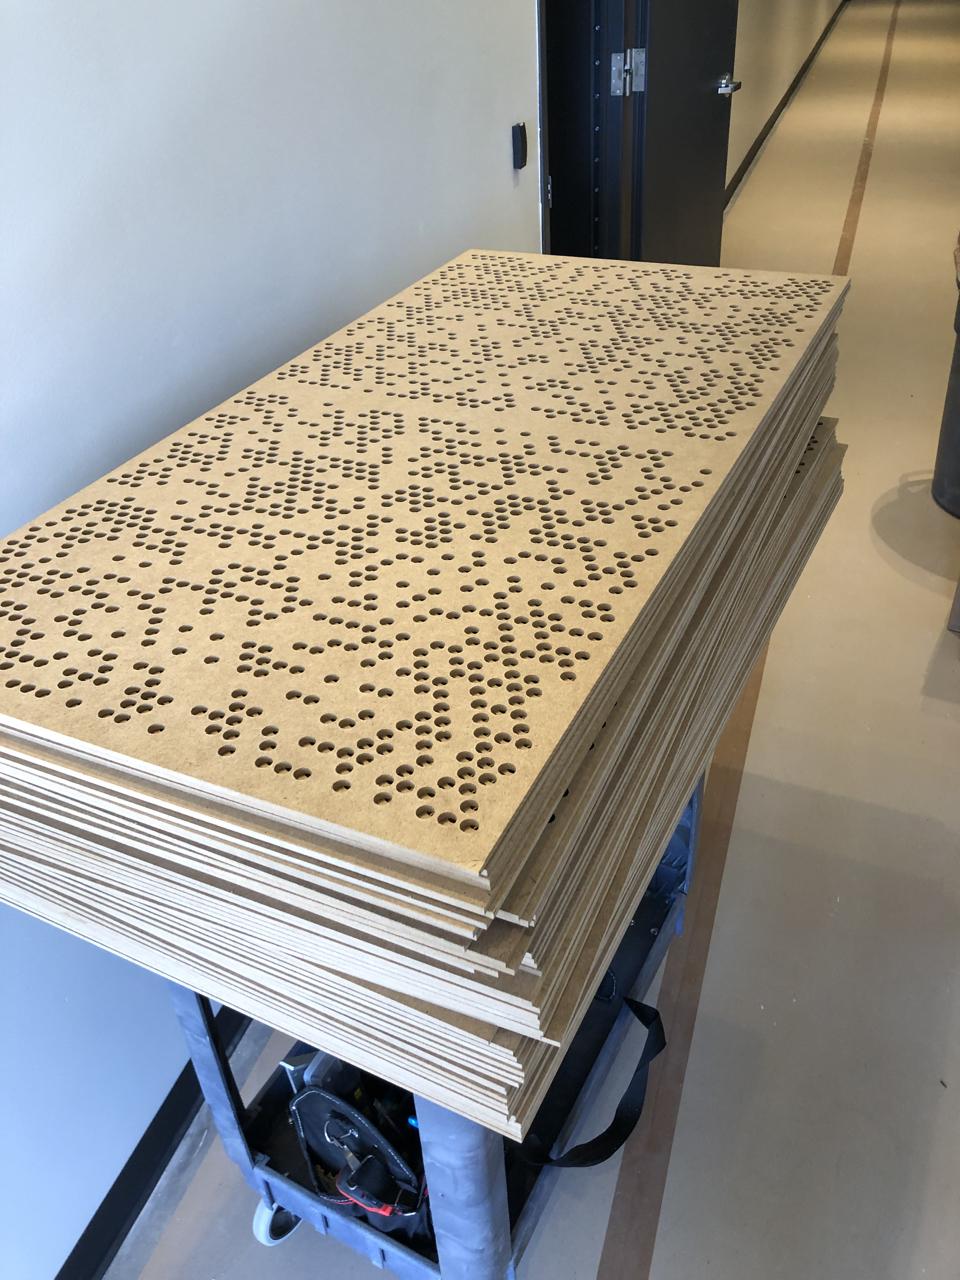 Stacks of diffusion panels.